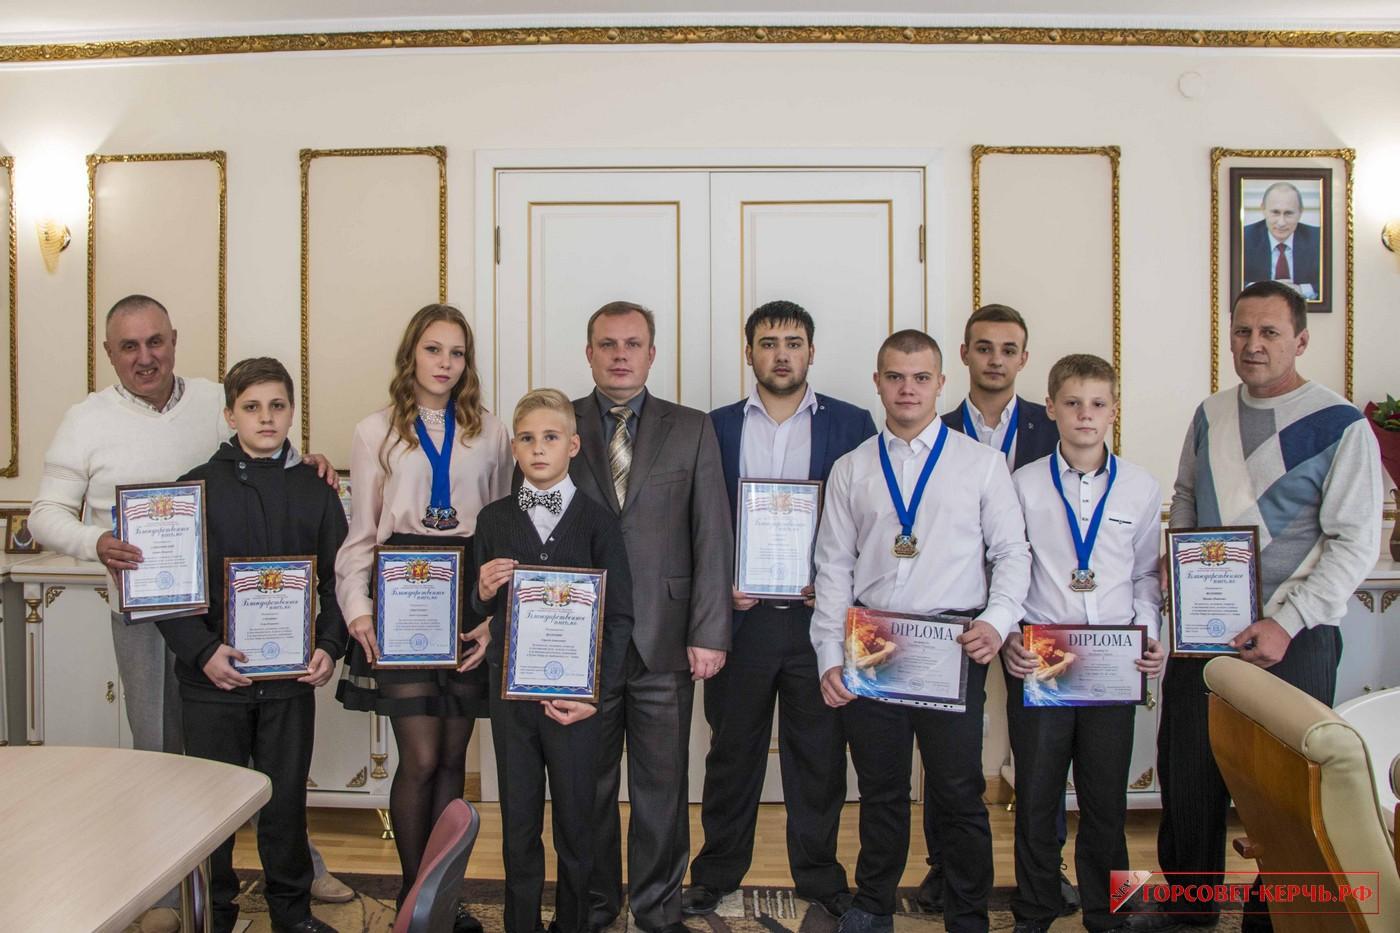 Глава муниципального образования провел встречу с призерами Кубка Мира по кикбоксингу